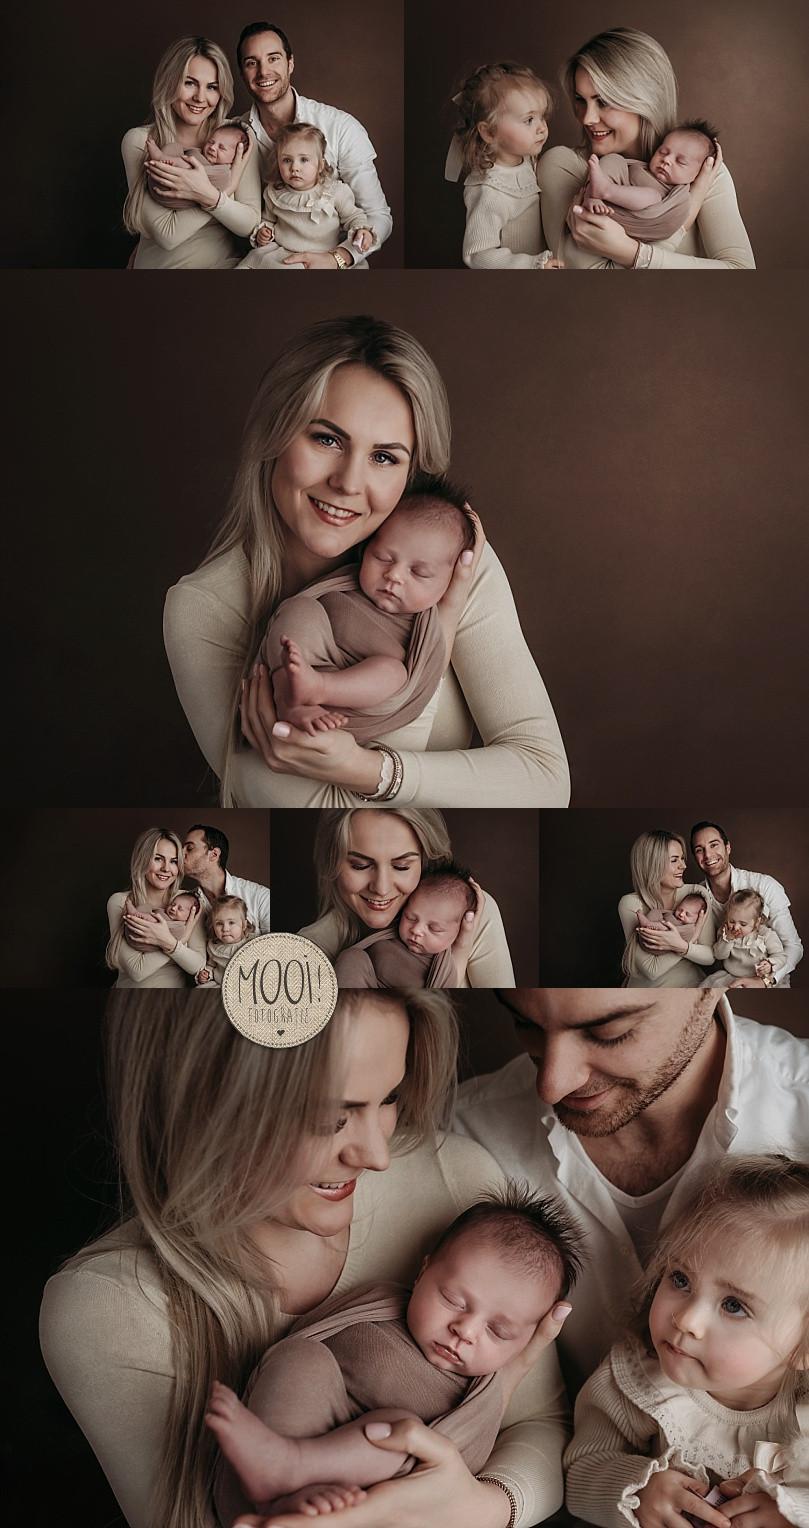 Newbornfotograaf België, Meerle, Hoogstraten, Chaam, Baarle Nassau, Turnhout, Antwerpen, Newbornshoot, Newborn fotoshoot, Babyshoot, Baby fotoshoot, Babyfotograaf,